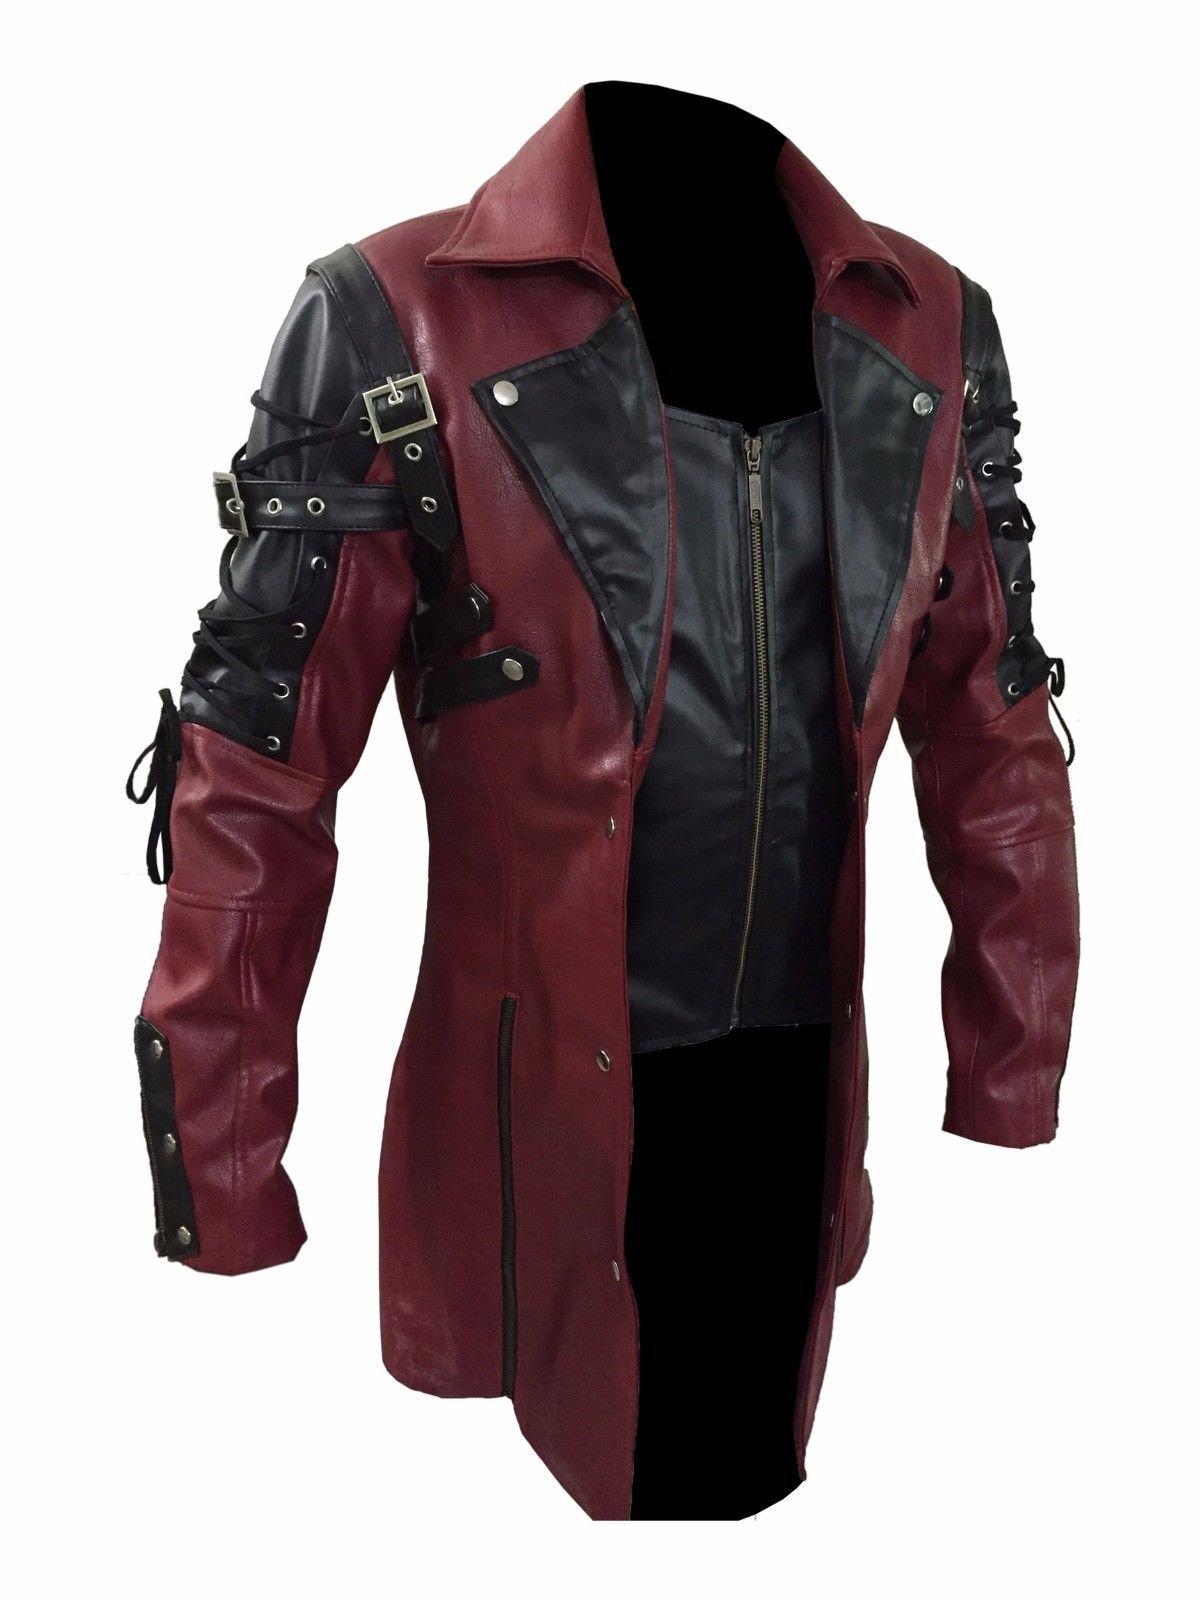 Steampunk Maroon & Black Renaissance Punk Faux Leather Victorian Gothic Coat 3